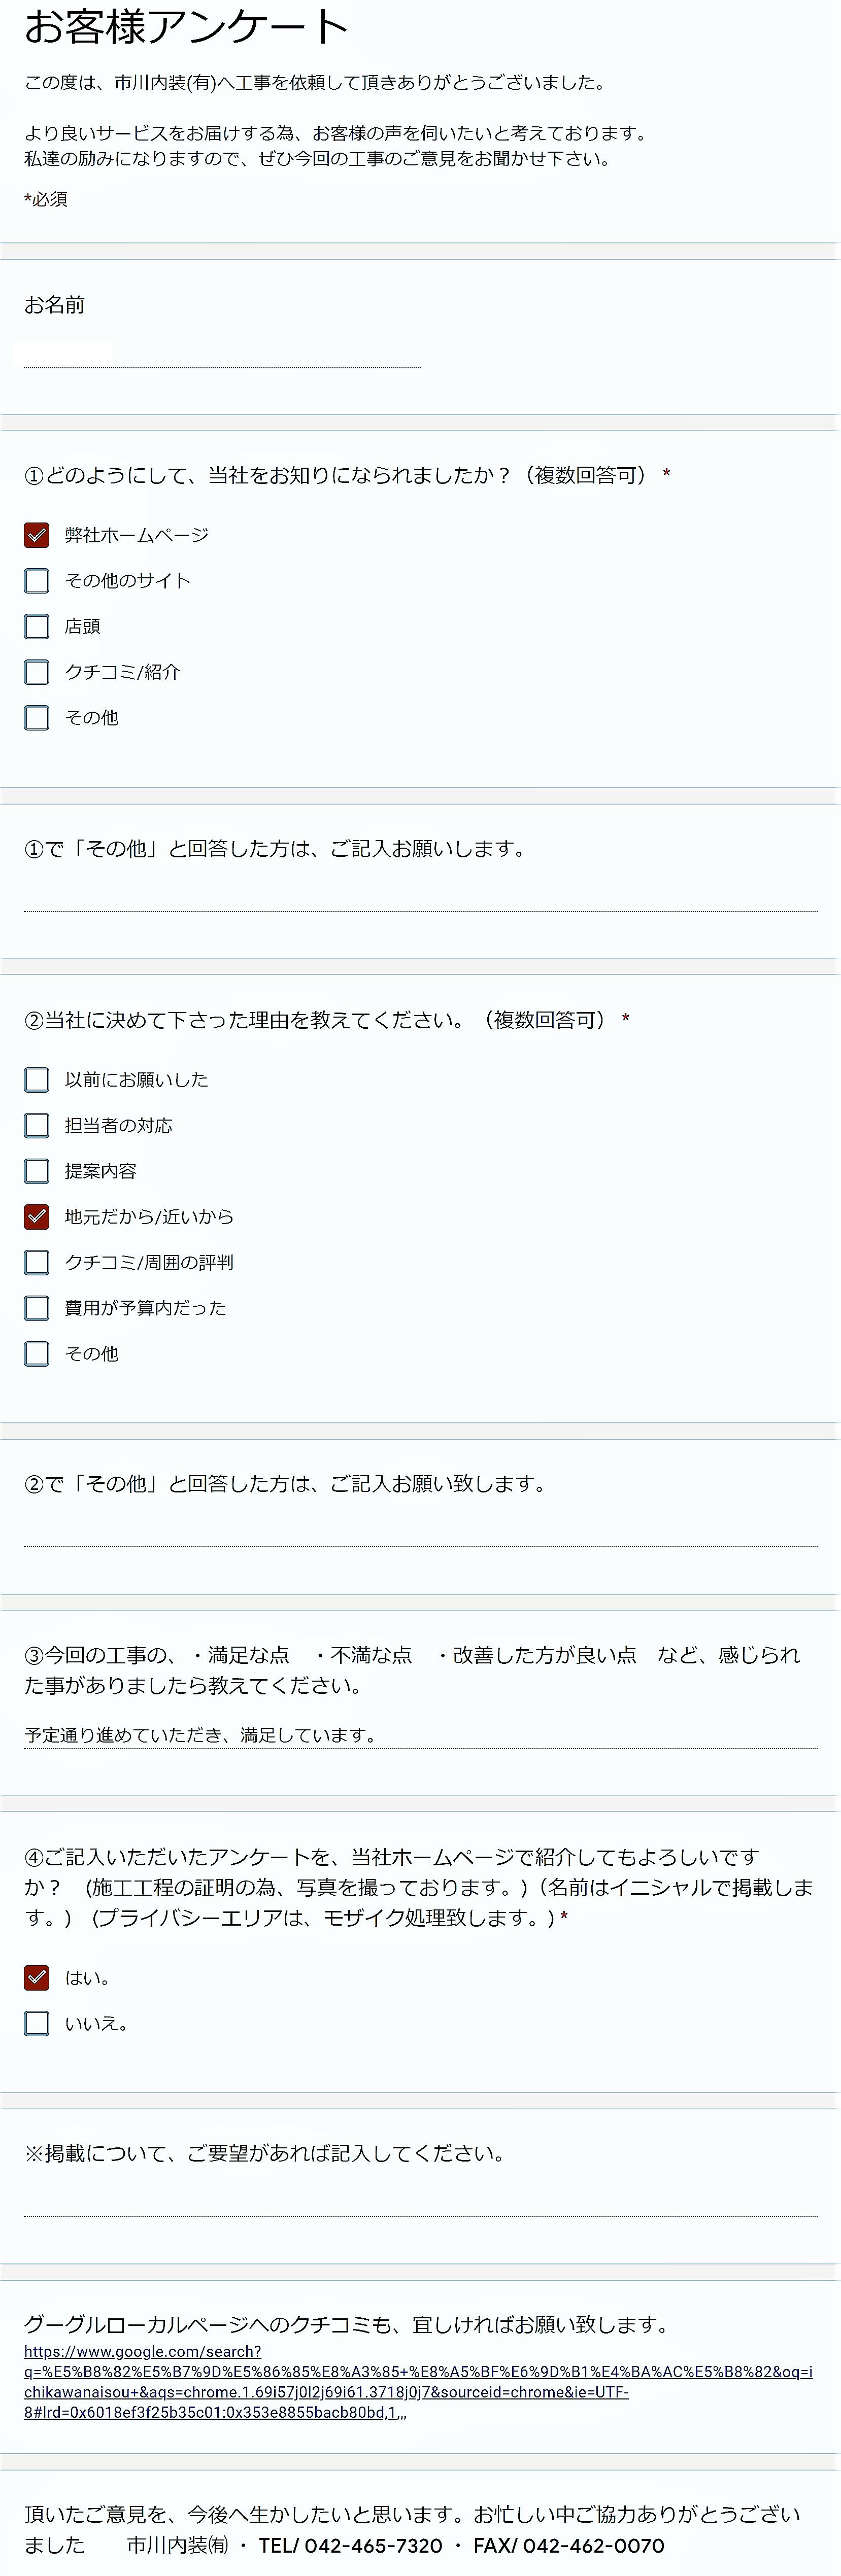 堀田様(ペットクロス)アンケート